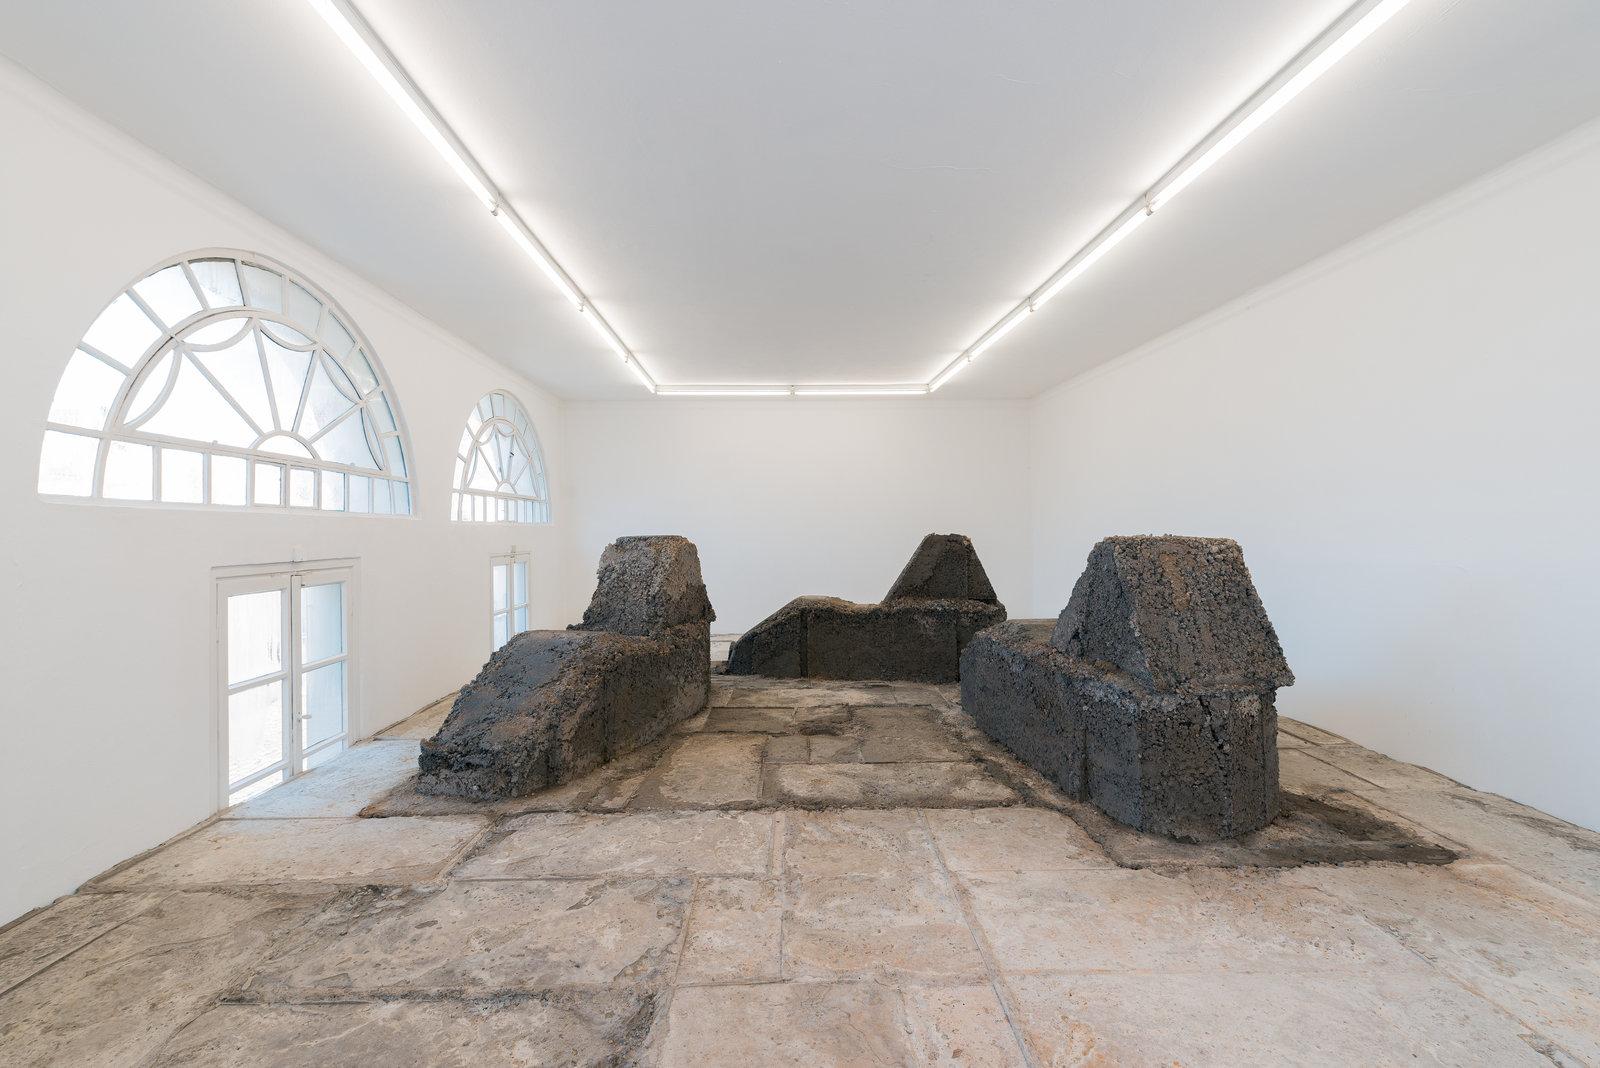 Tiril Hasselknippe at Kunstverein Braunschweig_02